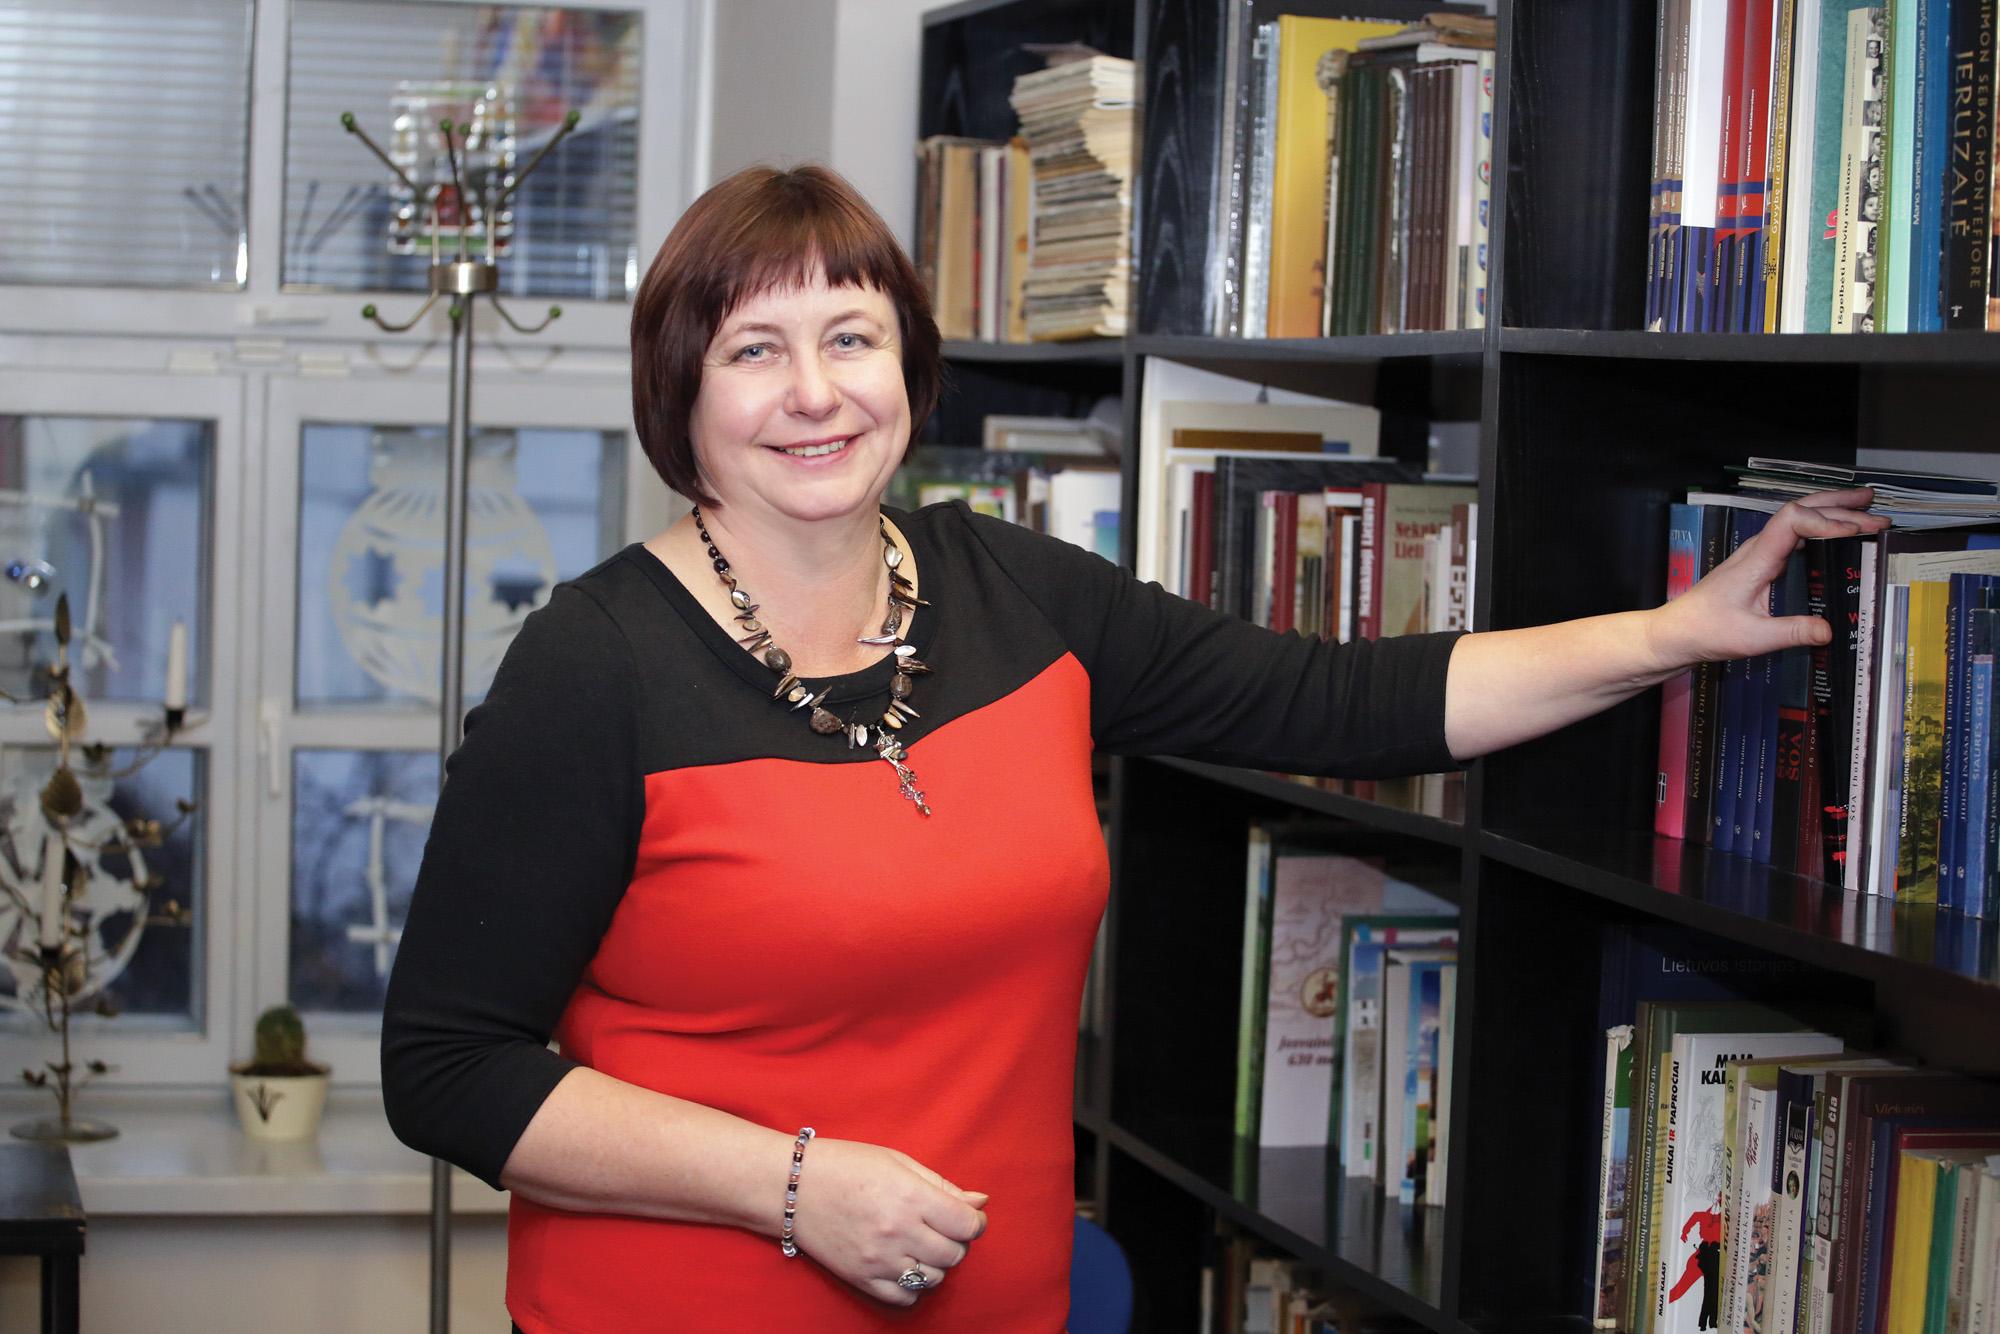 Šėtos gimnazijos istorijos mokytoja ekspertė Audronė Pečiulytė. G. Minelgaitės-Dautorės nuotr.